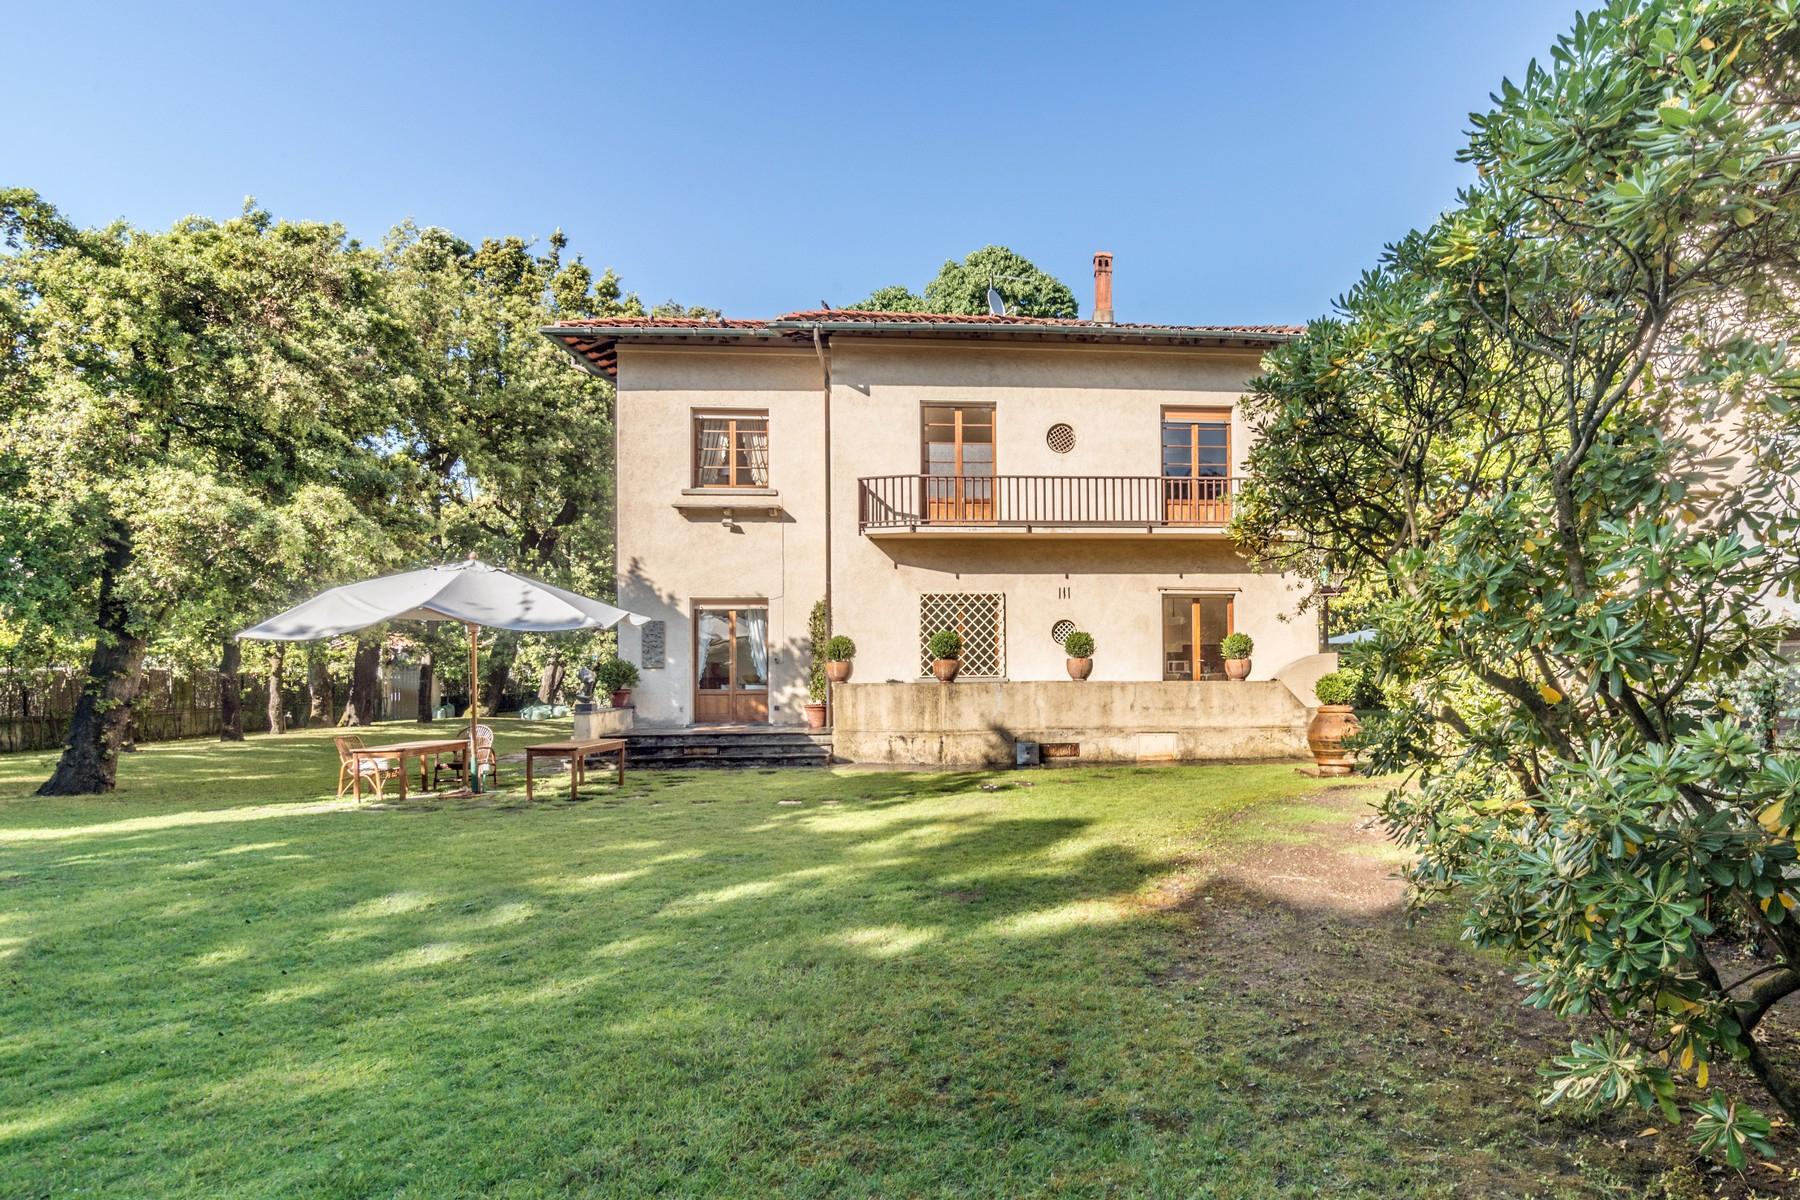 Villa in Vendita a Forte Dei Marmi: 5 locali, 700 mq - Foto 3